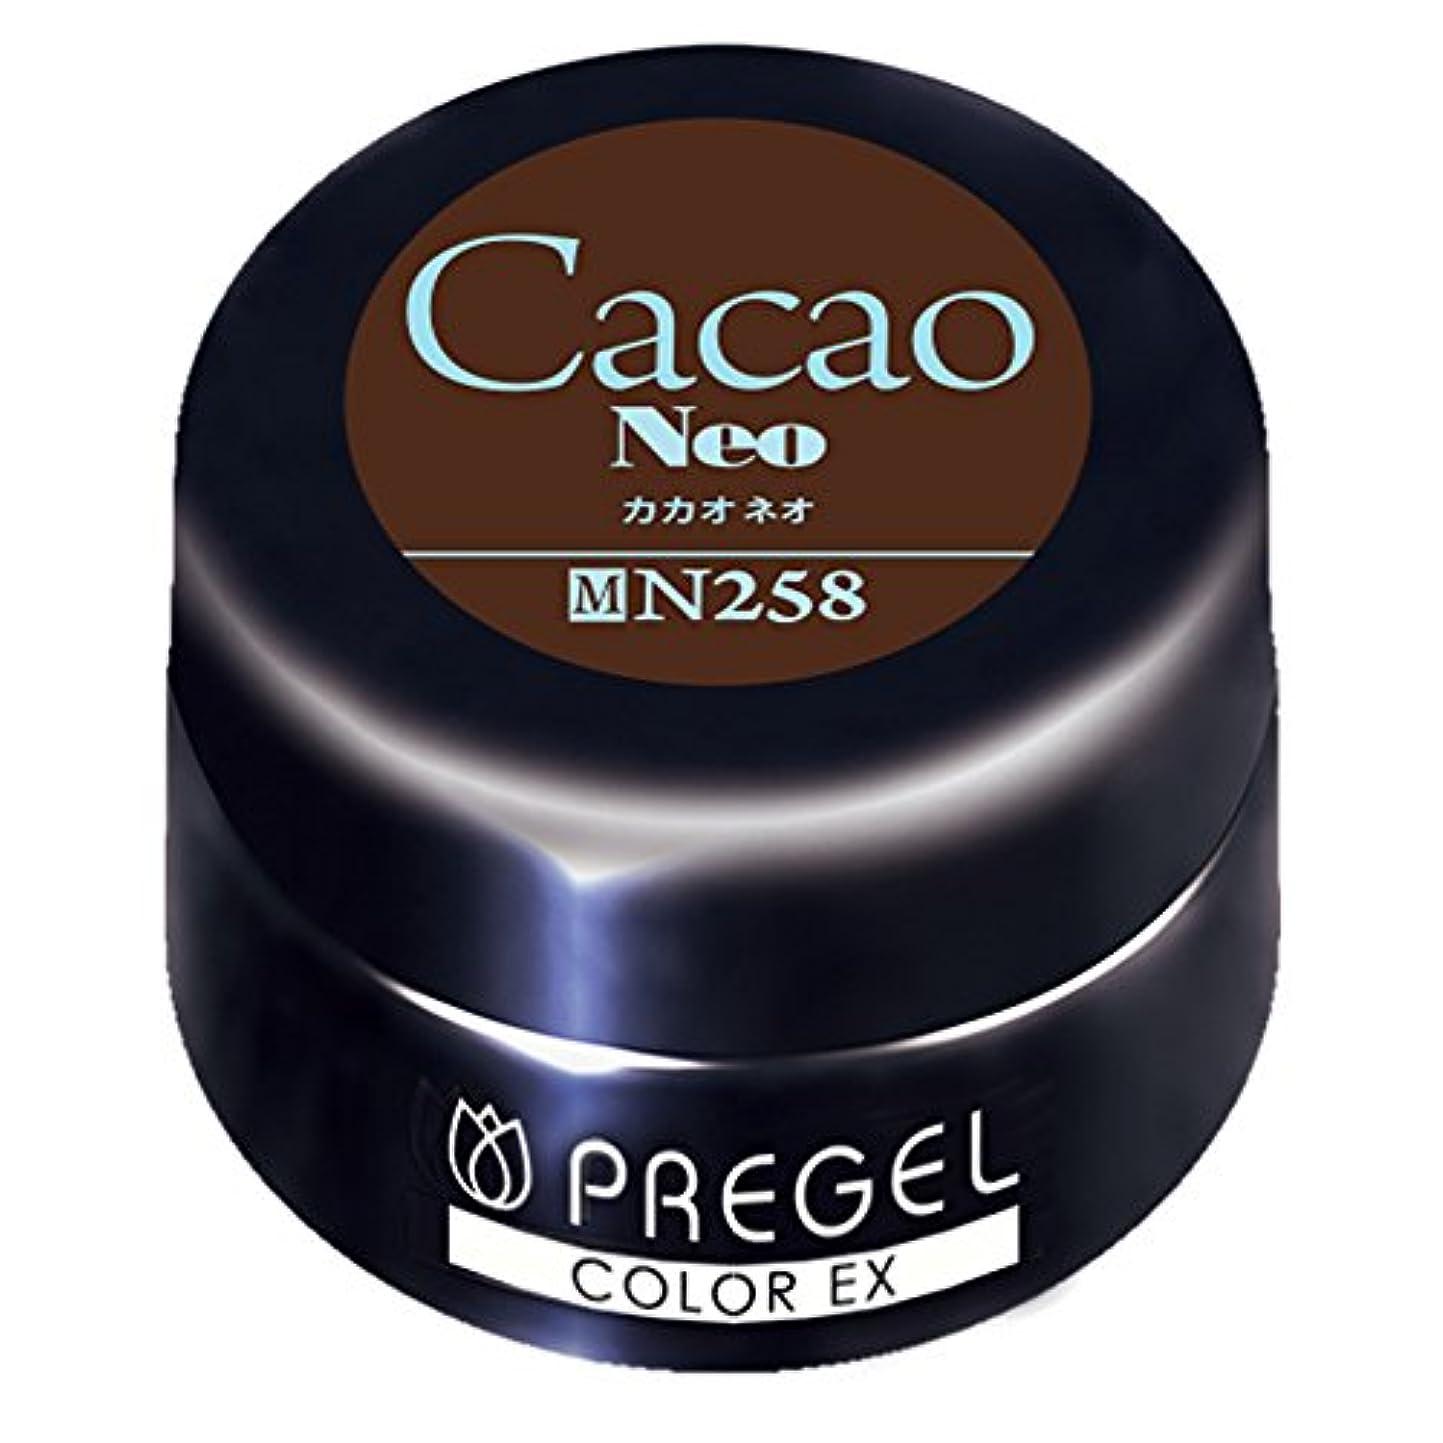 組立緩むリビジョンPRE GEL カラーEX カカオneo 258 4g UV/LED対応